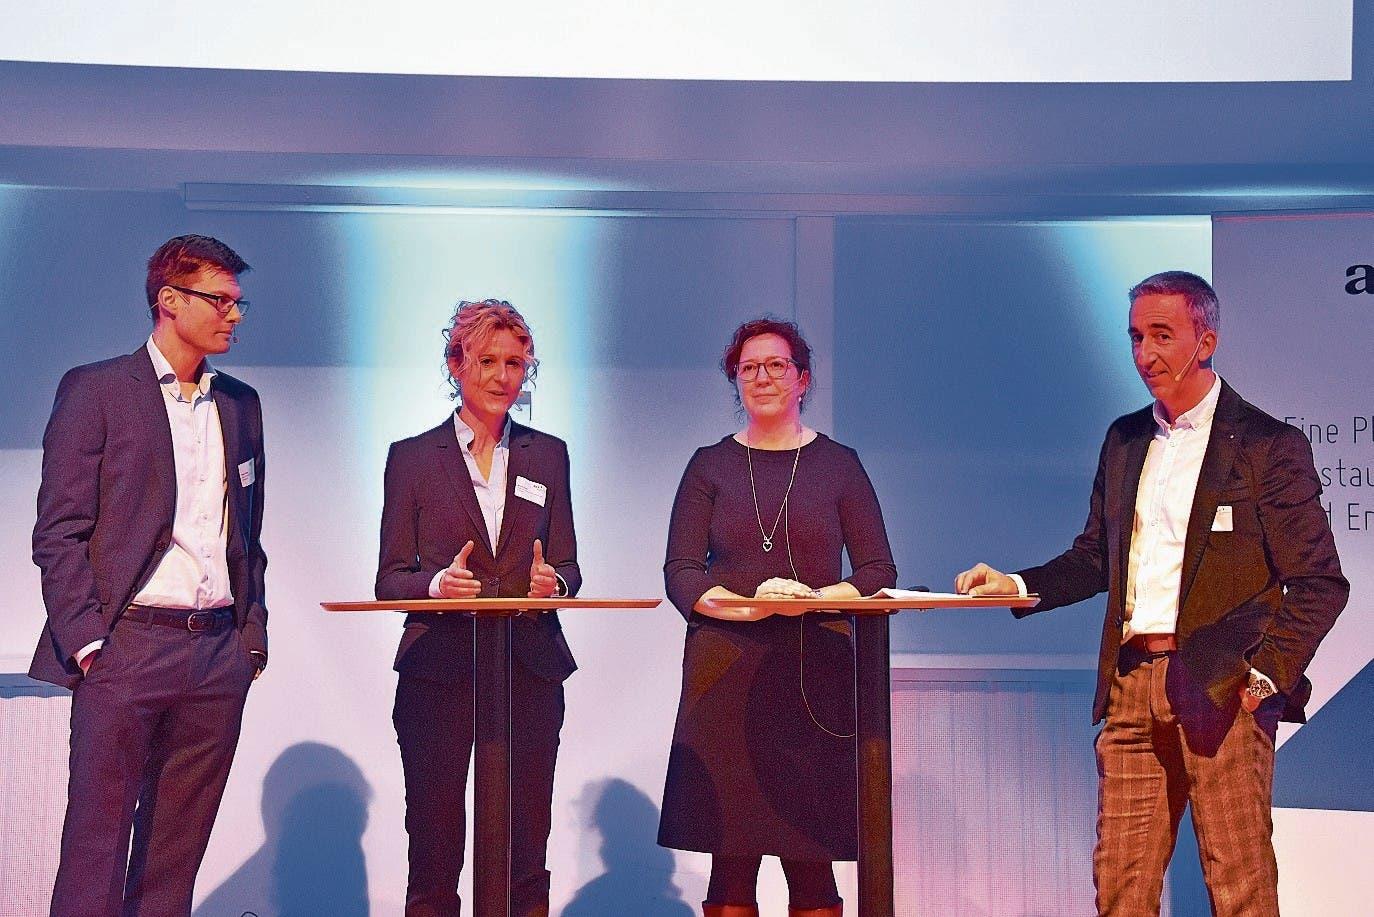 Diskutierten über die digitale Arbeitswelt der Zukunft (von links): Start-up-Betreuer Walter Regli, Raiffeisen-HR-Fachfrau Heidi Bösch, Fachhochschulprofessorin Alexandra Cloots und Patrick Berhalter vom AGV.